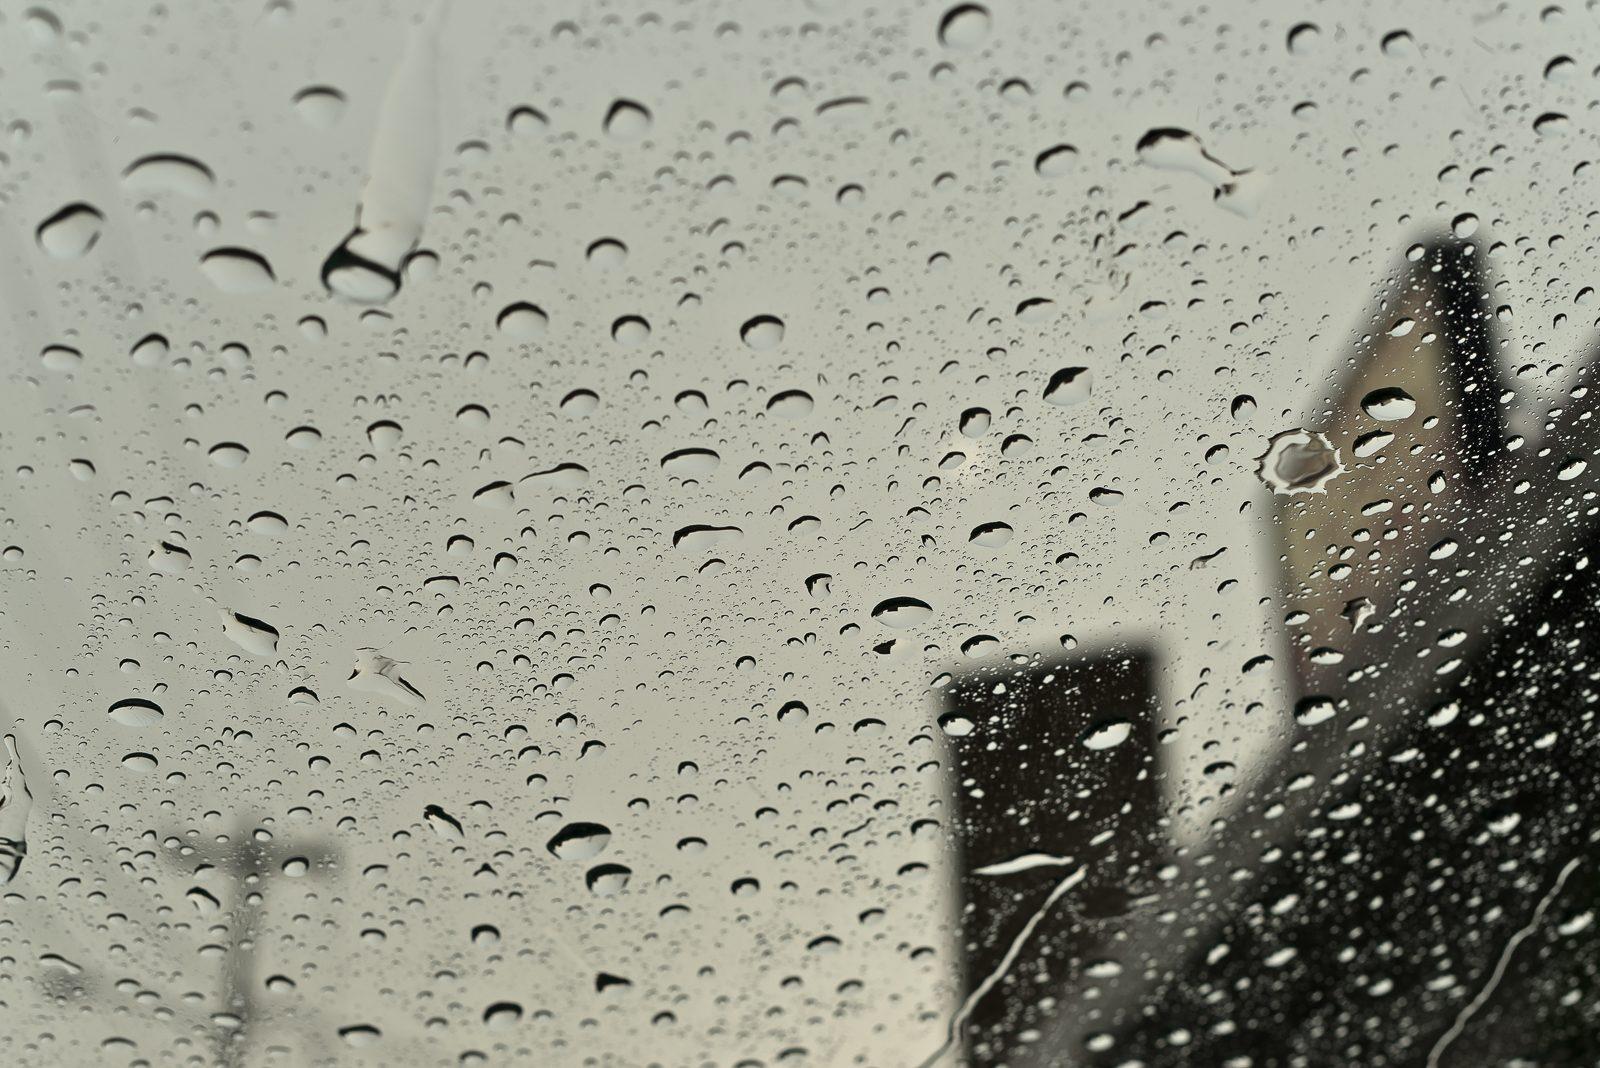 rain-drops-0104